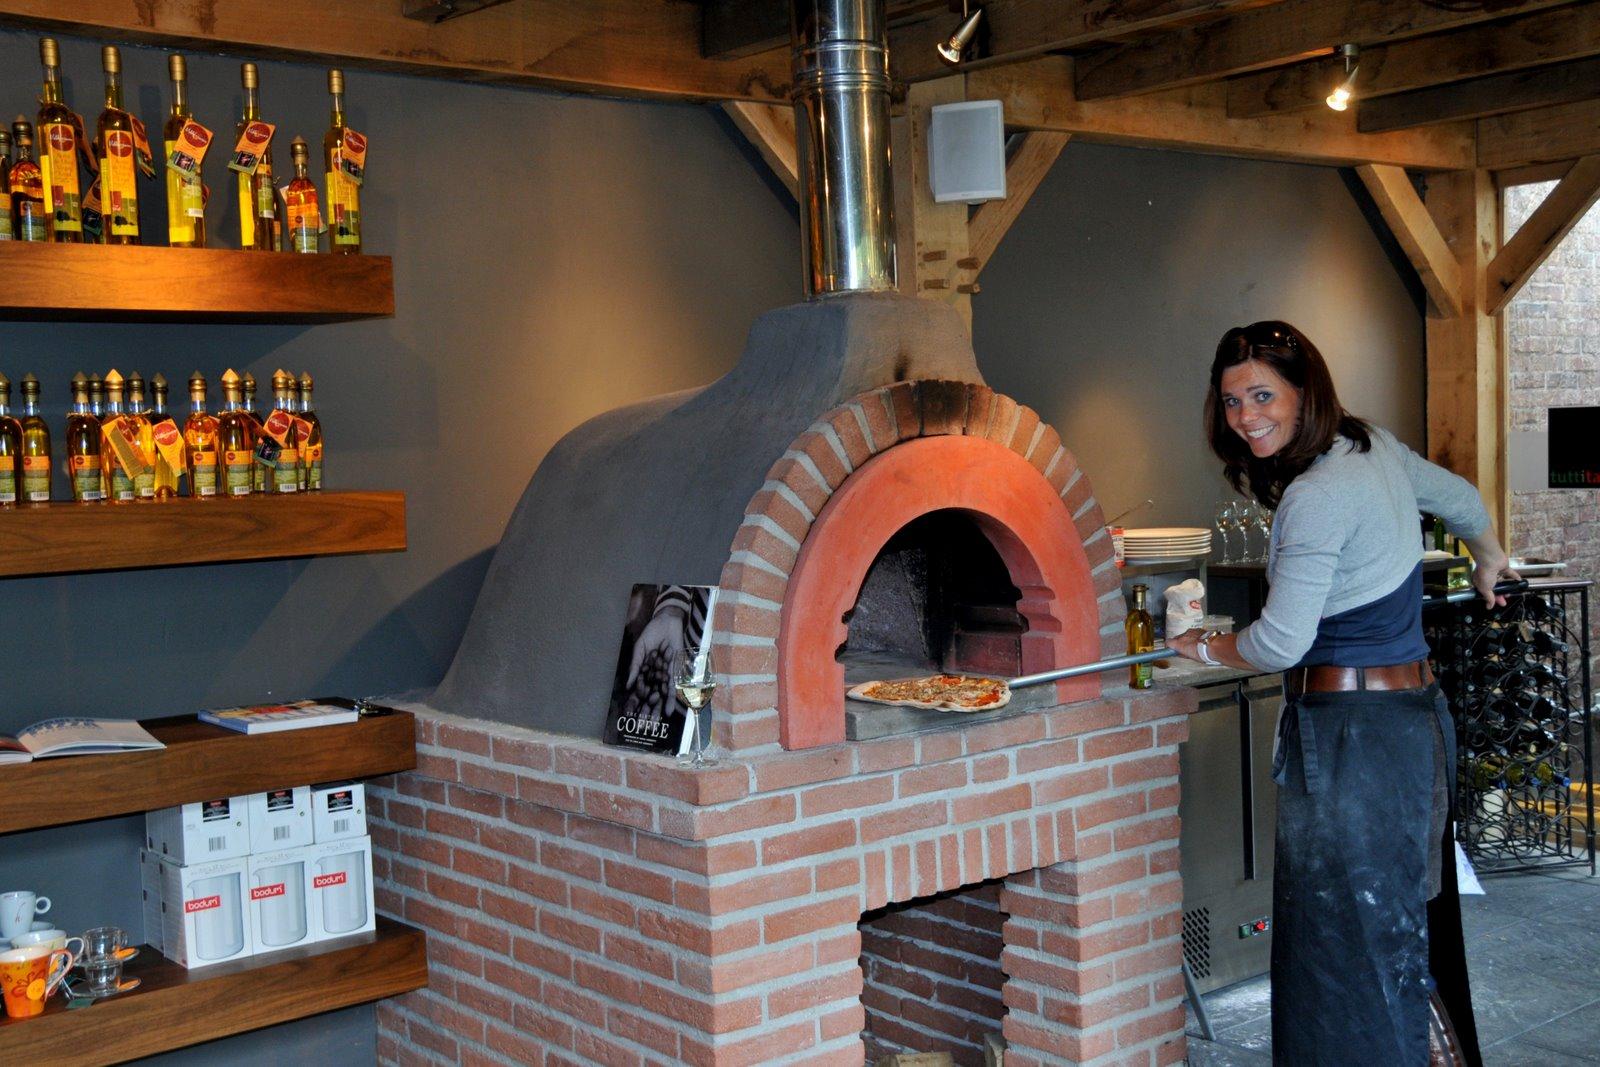 Forno a legna domestico vesuvio per pizza zio ciro forni for Sportello per forno a legna